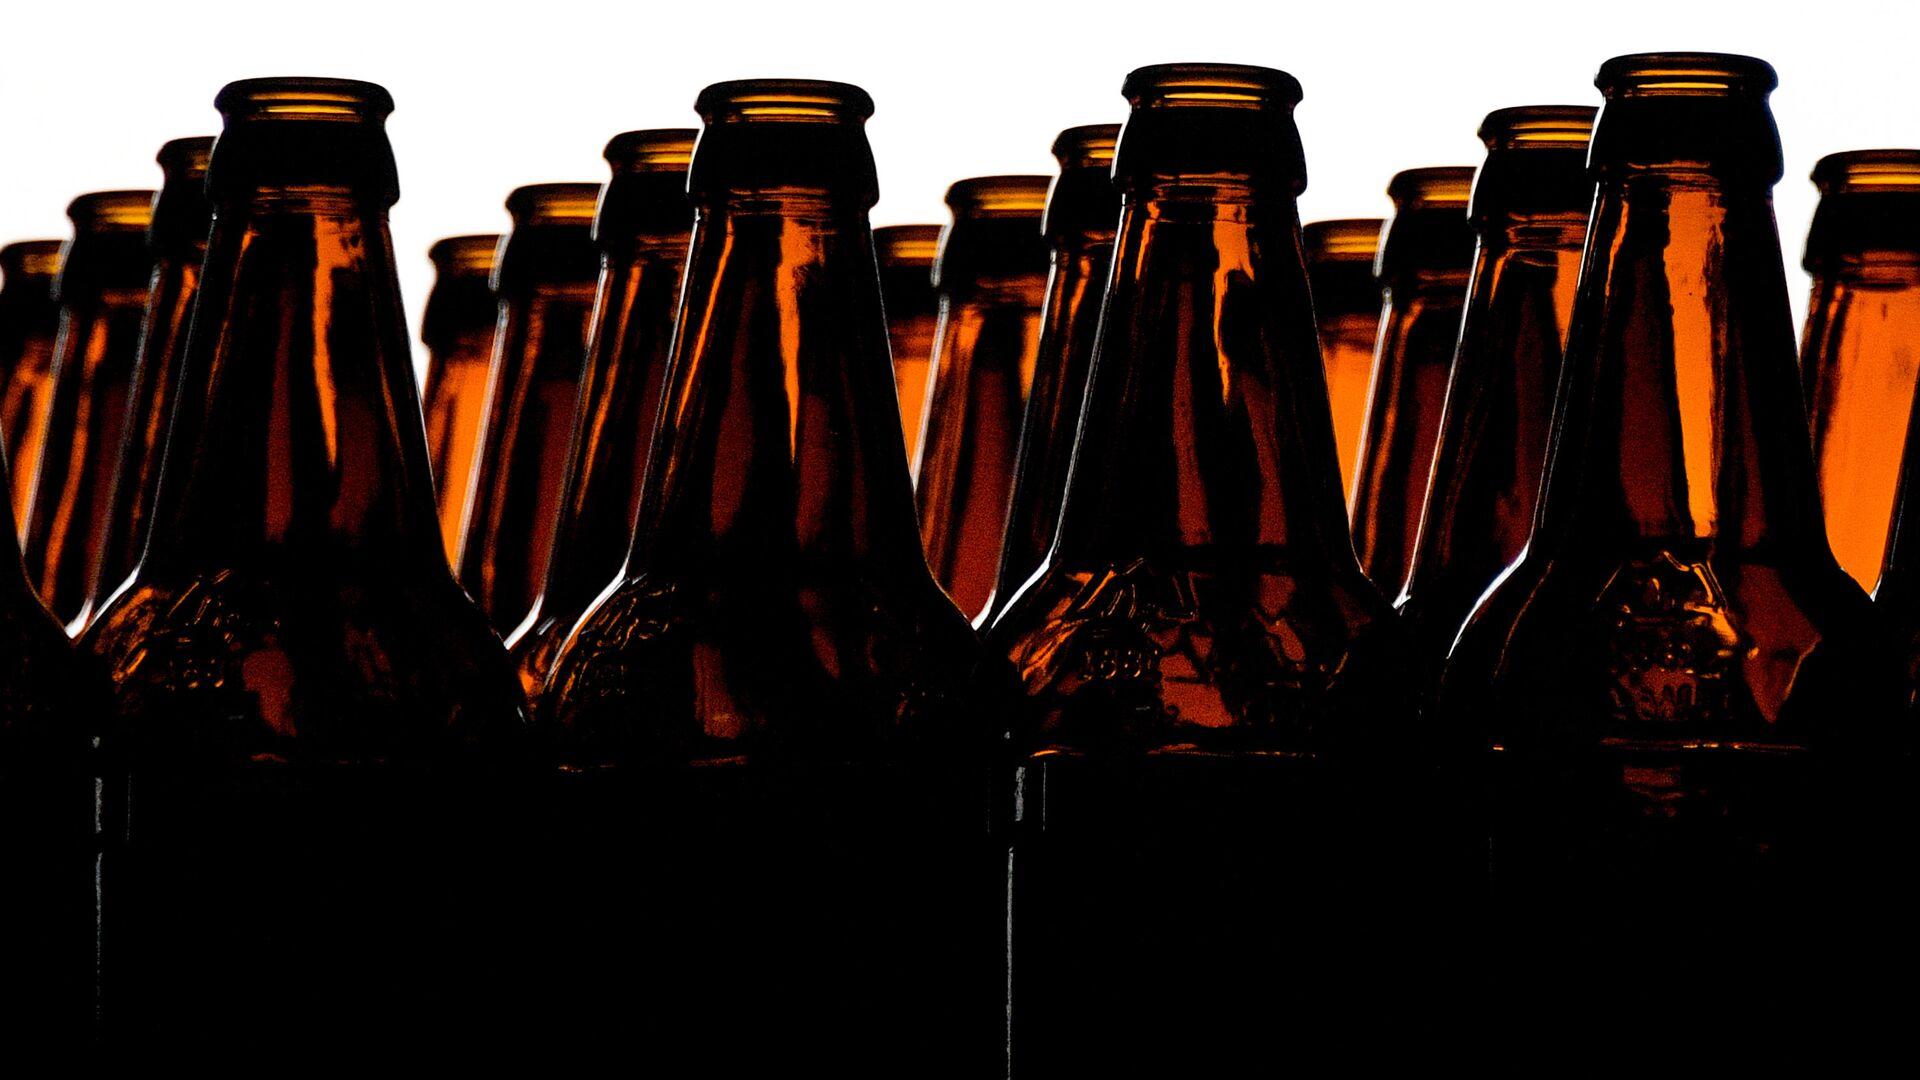 В Петербурге из-за сбоя на пивоваренном заводе в банках оказалась вода